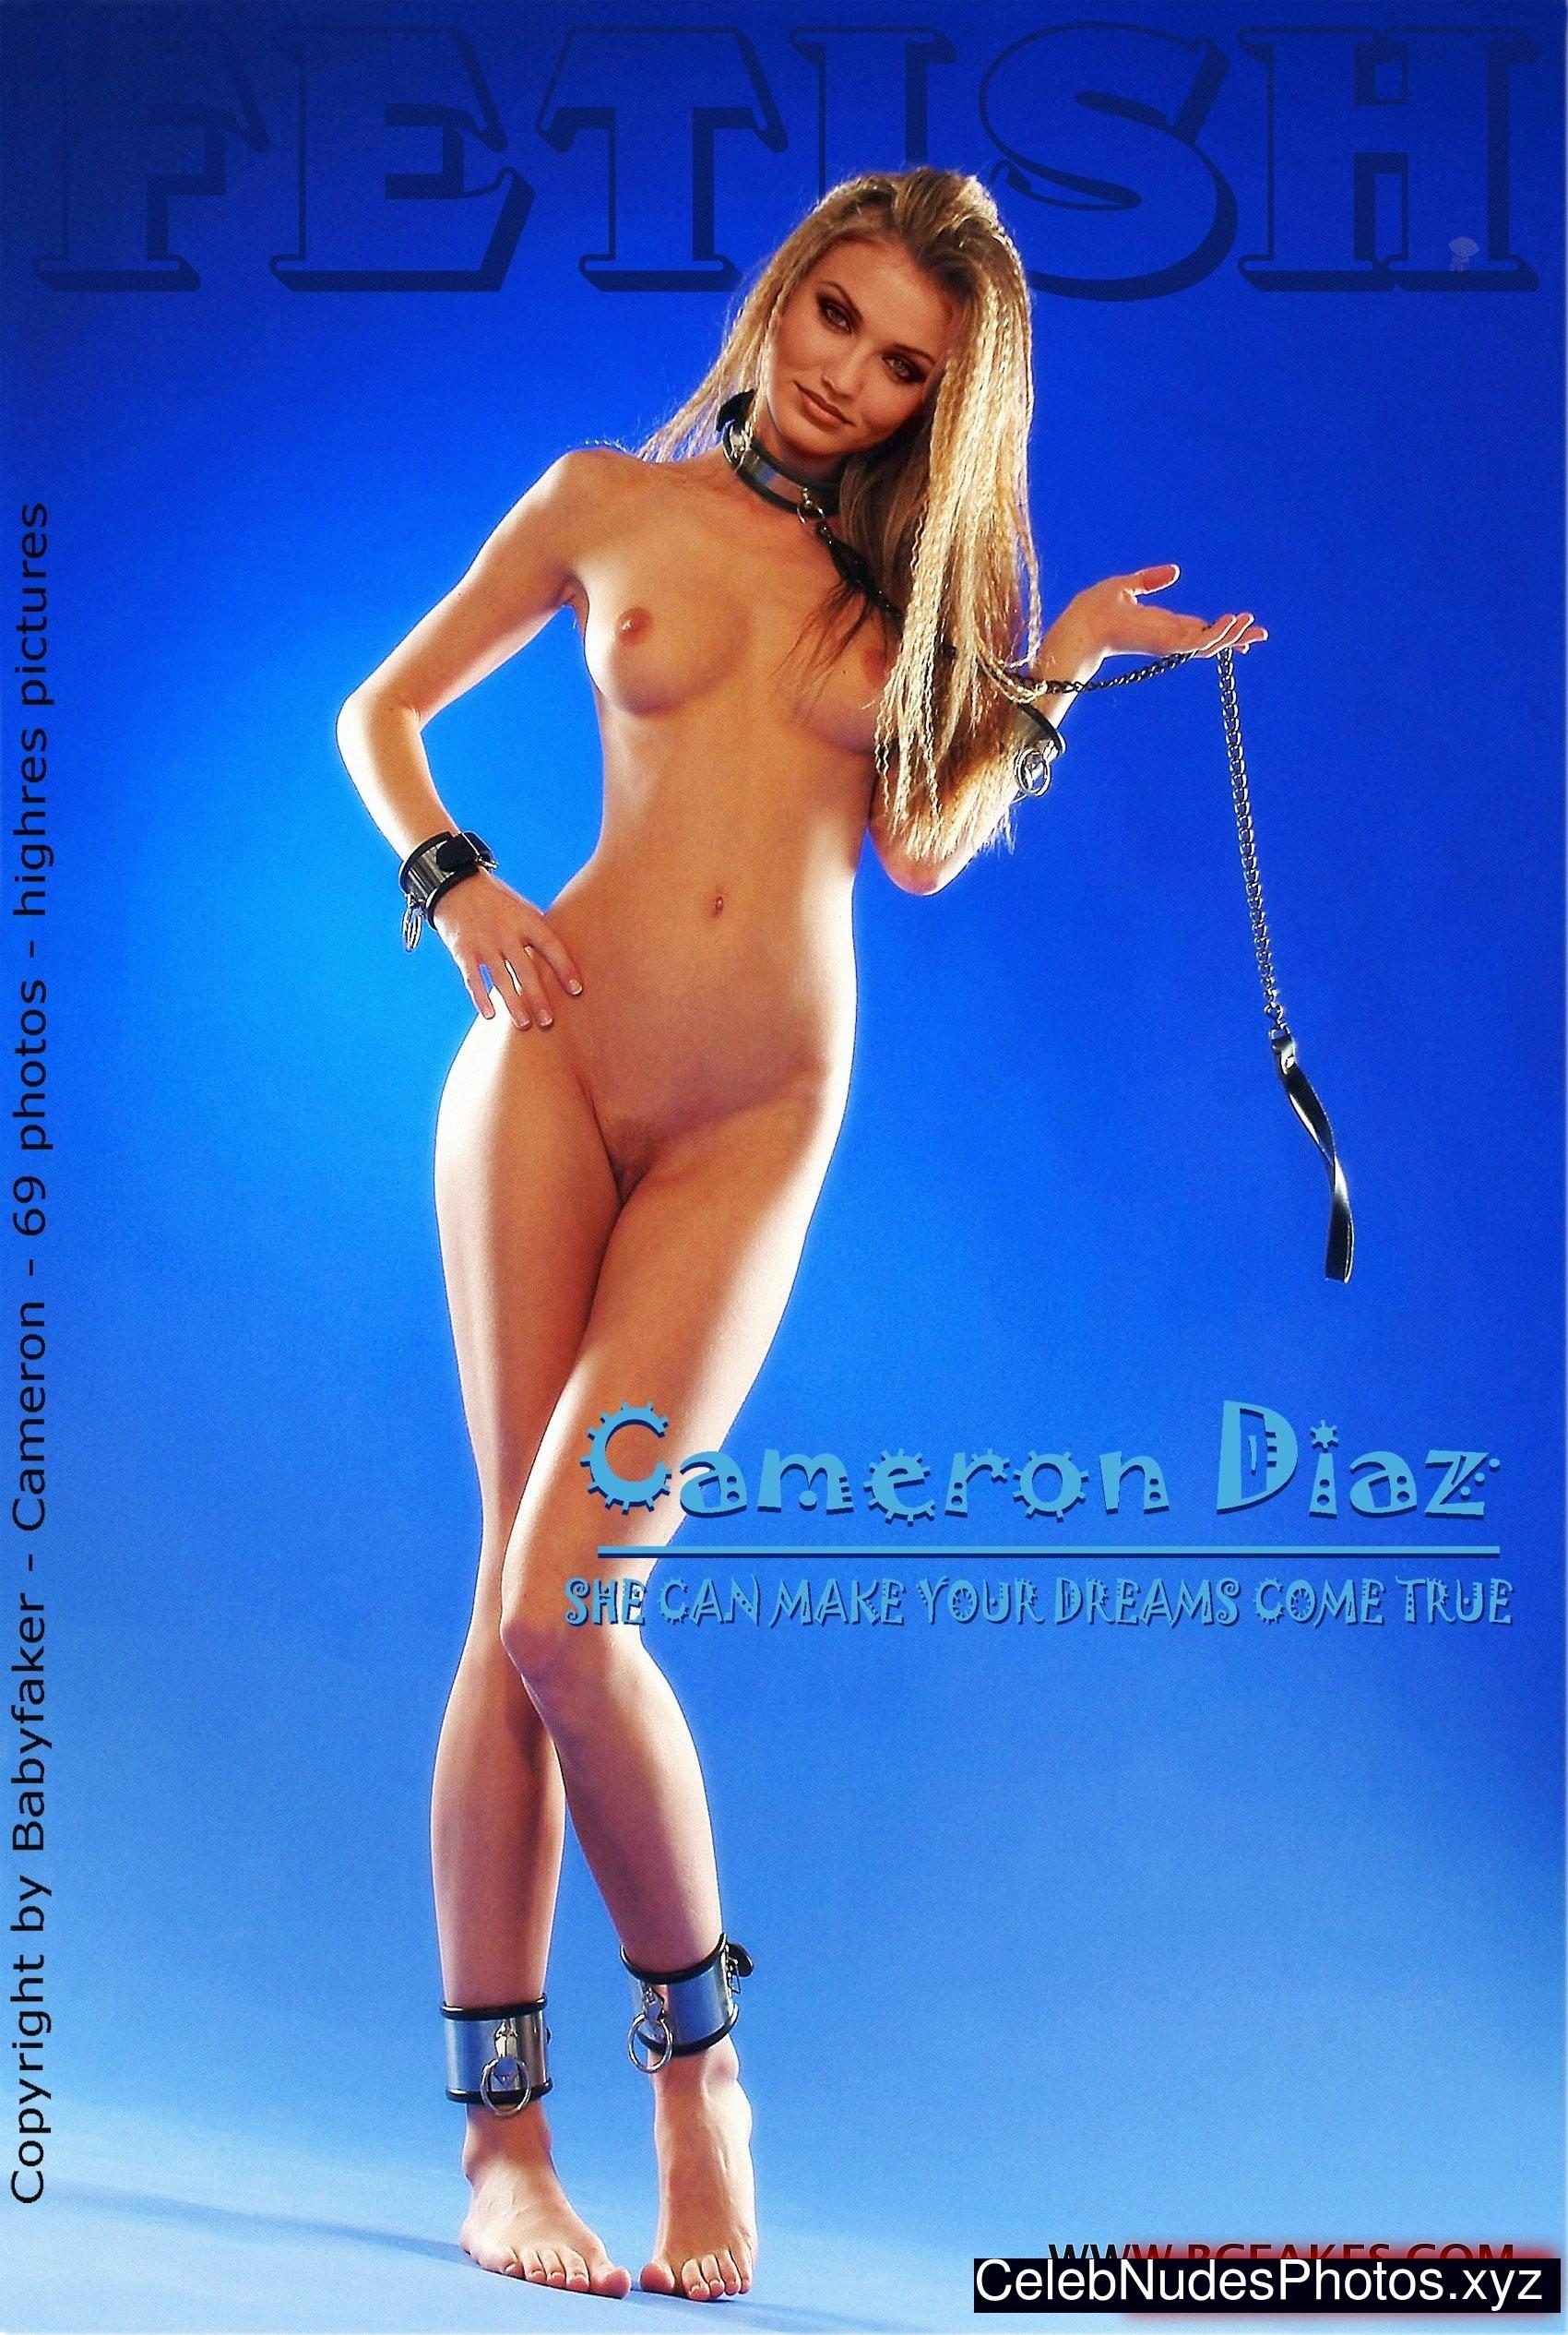 Cameron Diaz celebrity nude